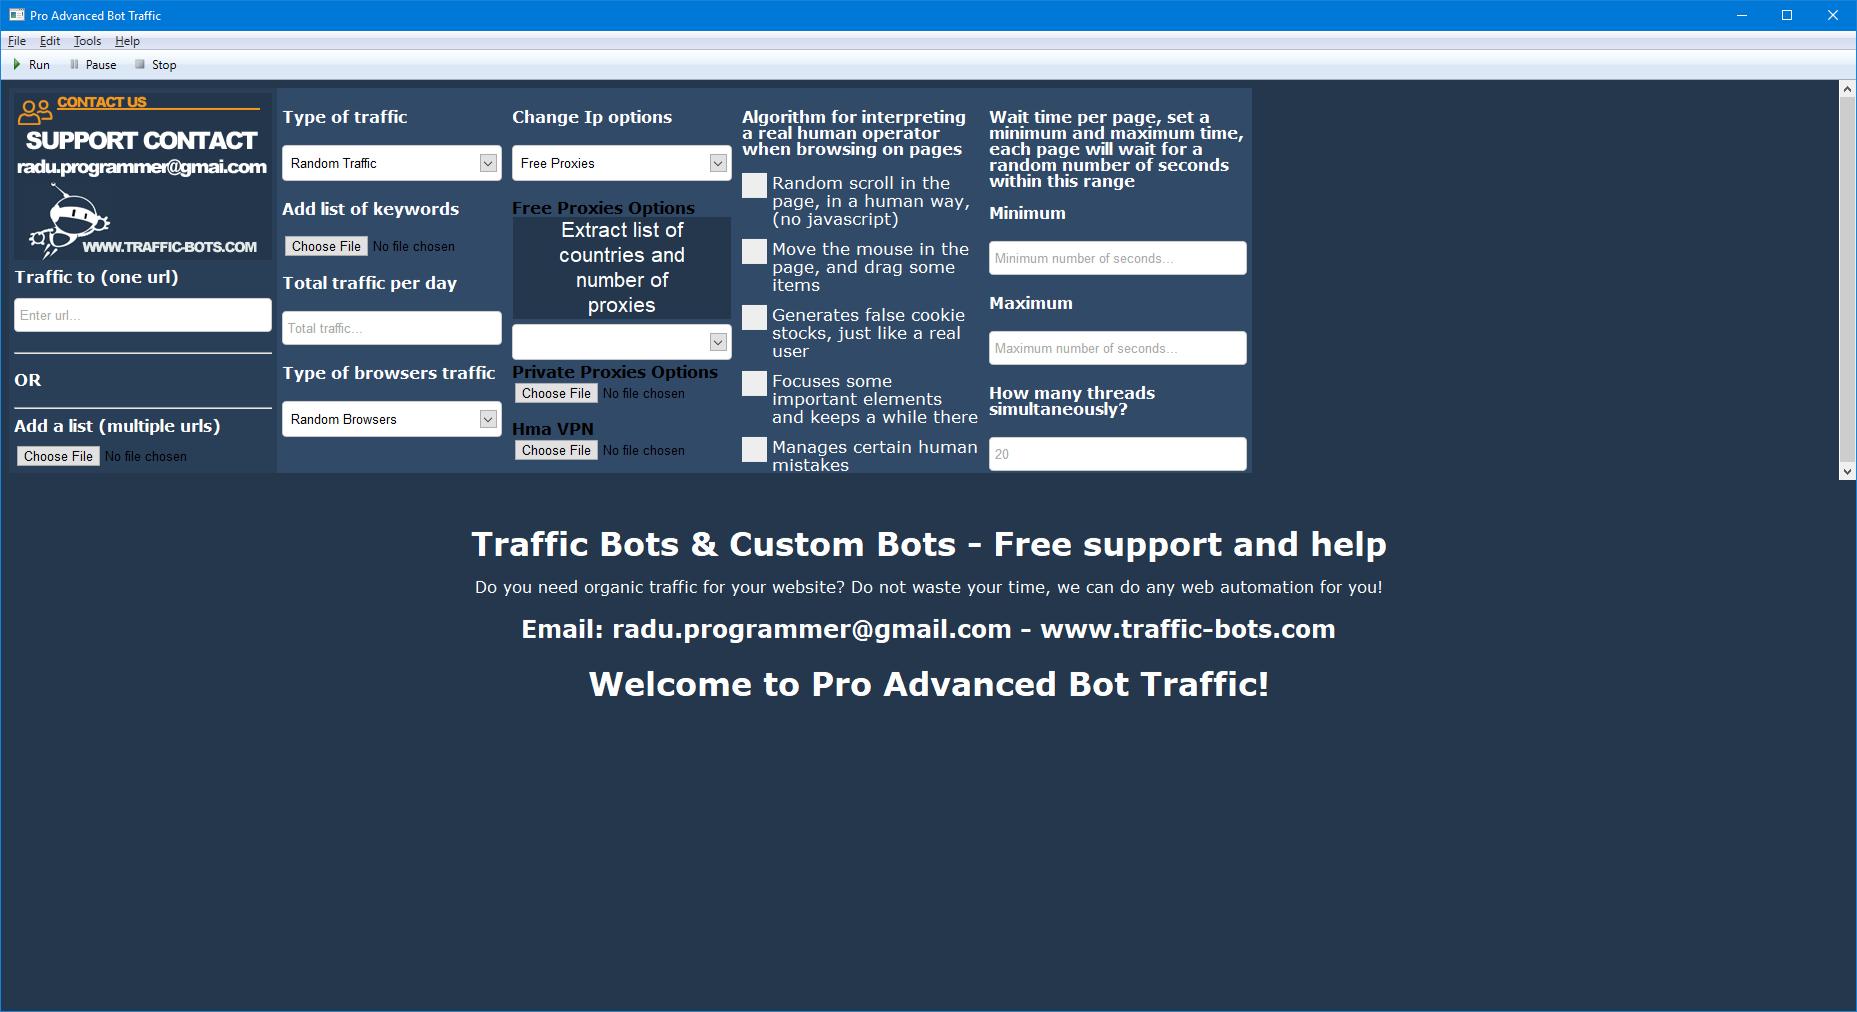 Pro Advanced Bot Traffic